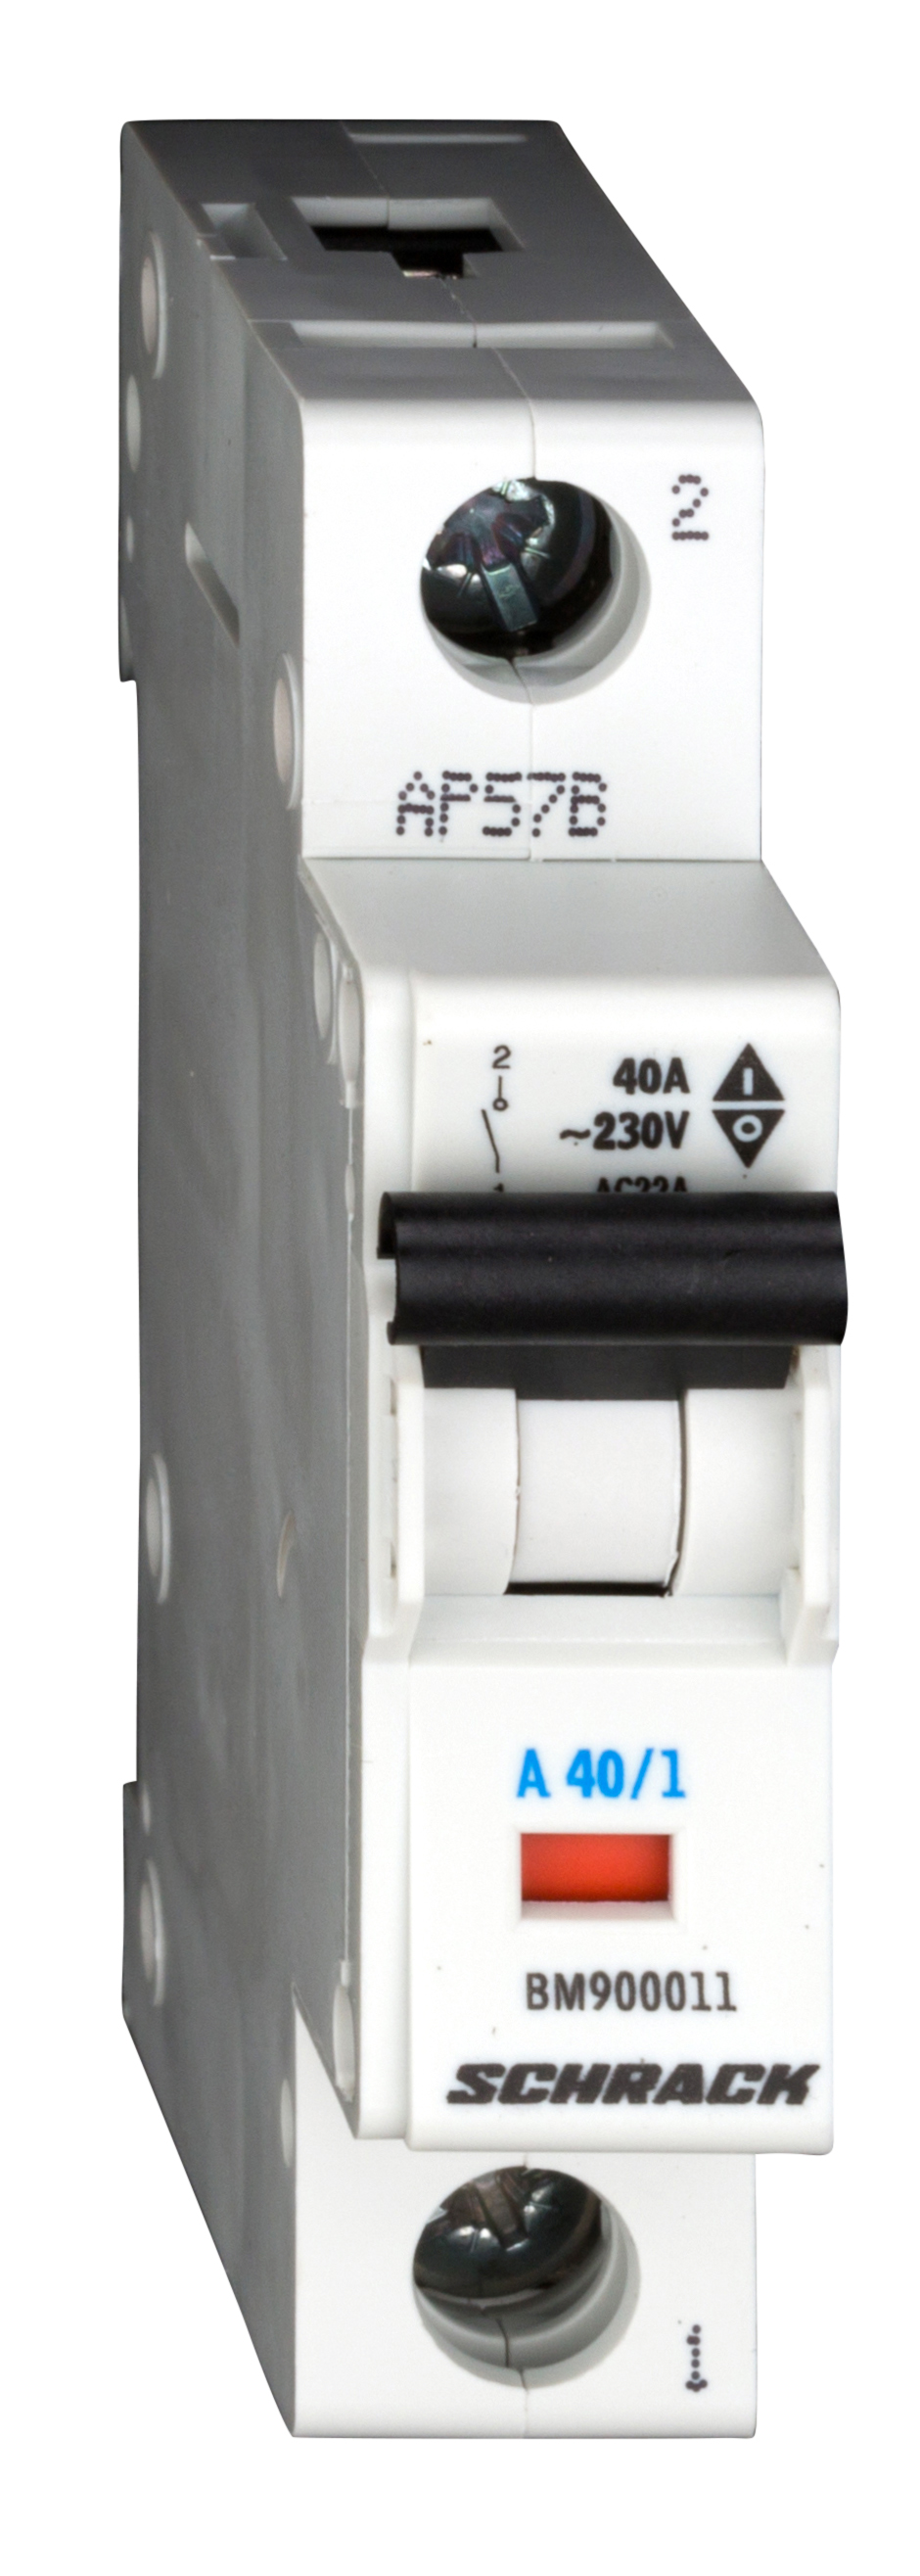 1 Stk Ausschalter, 1-polig, 40A BM900011--